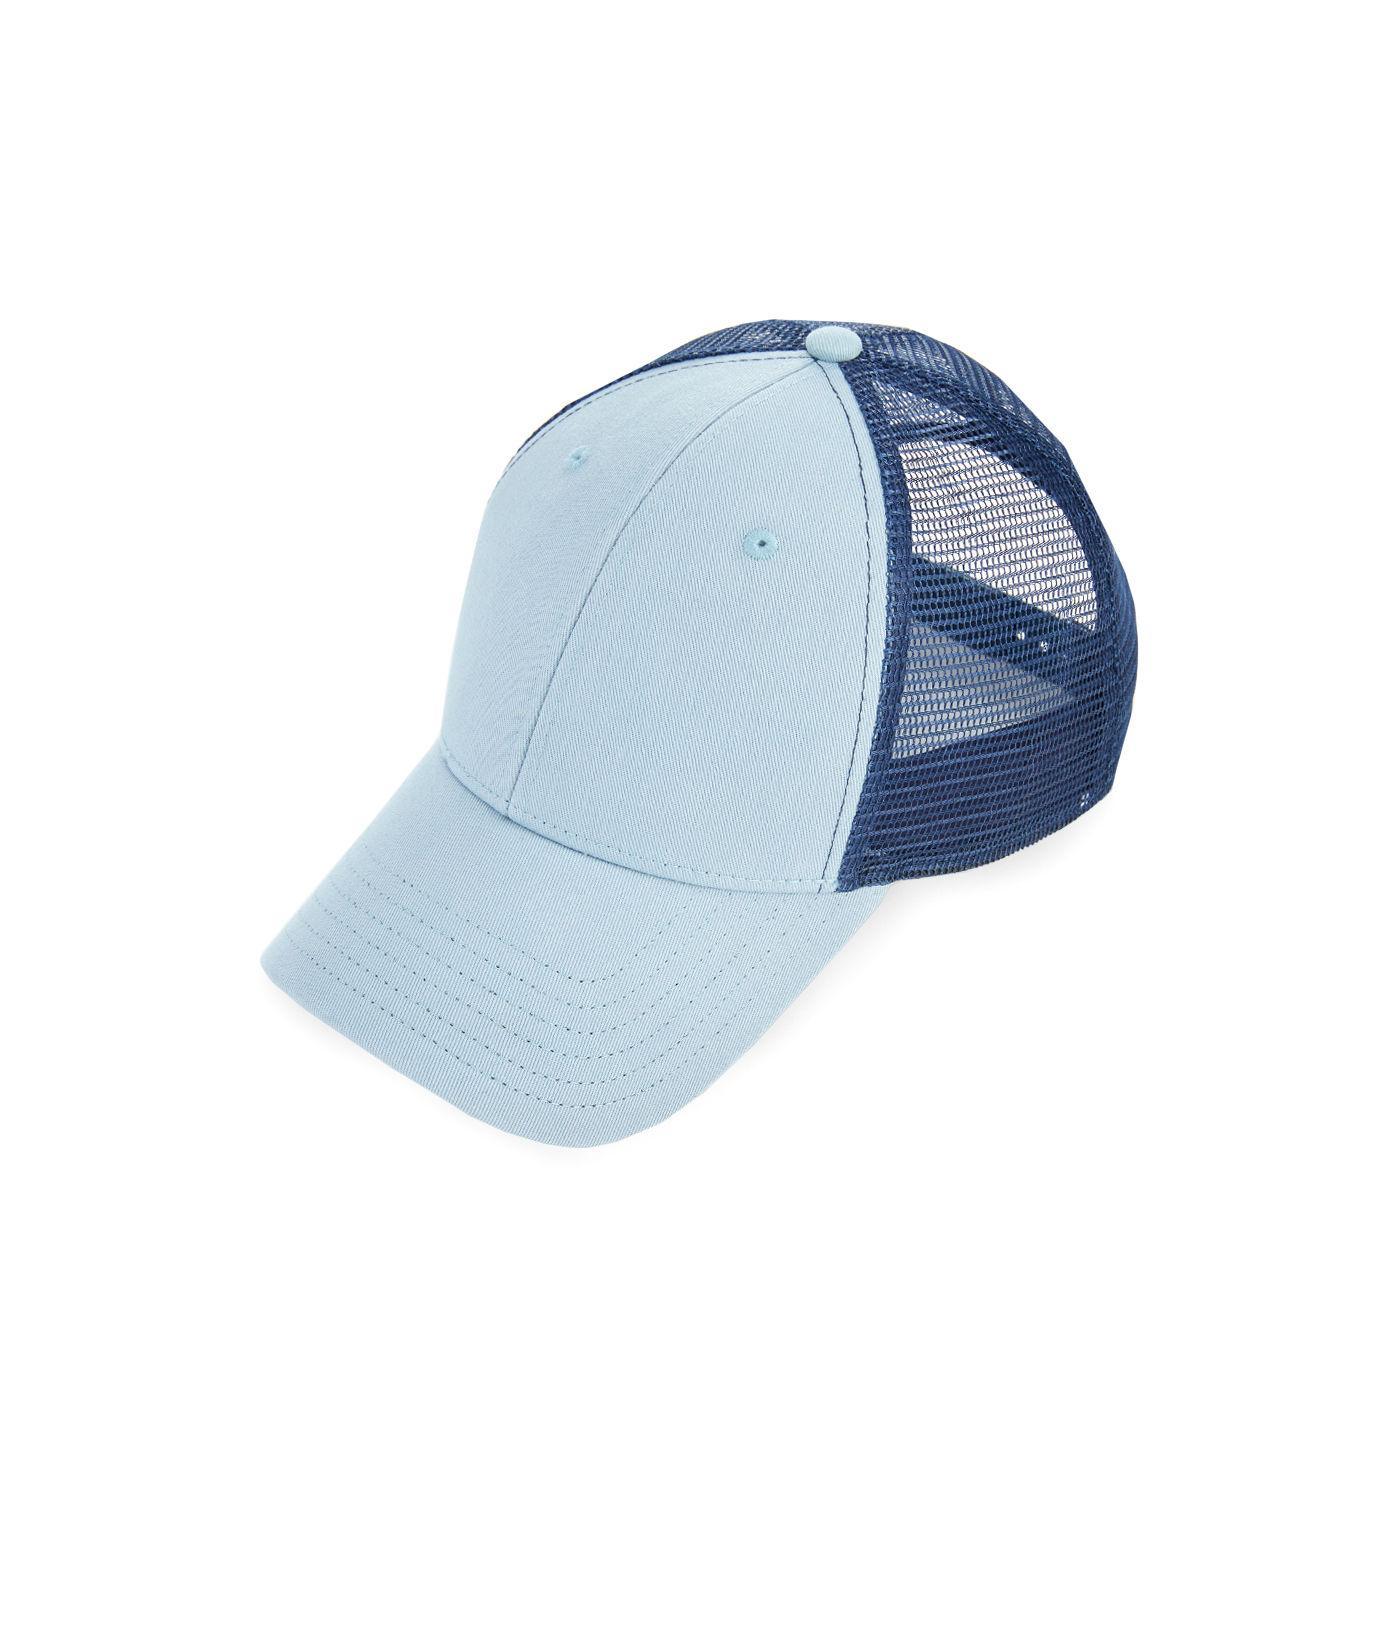 de2141db5b415 Lyst - Vineyard Vines Blank Trucker Hat in Blue for Men